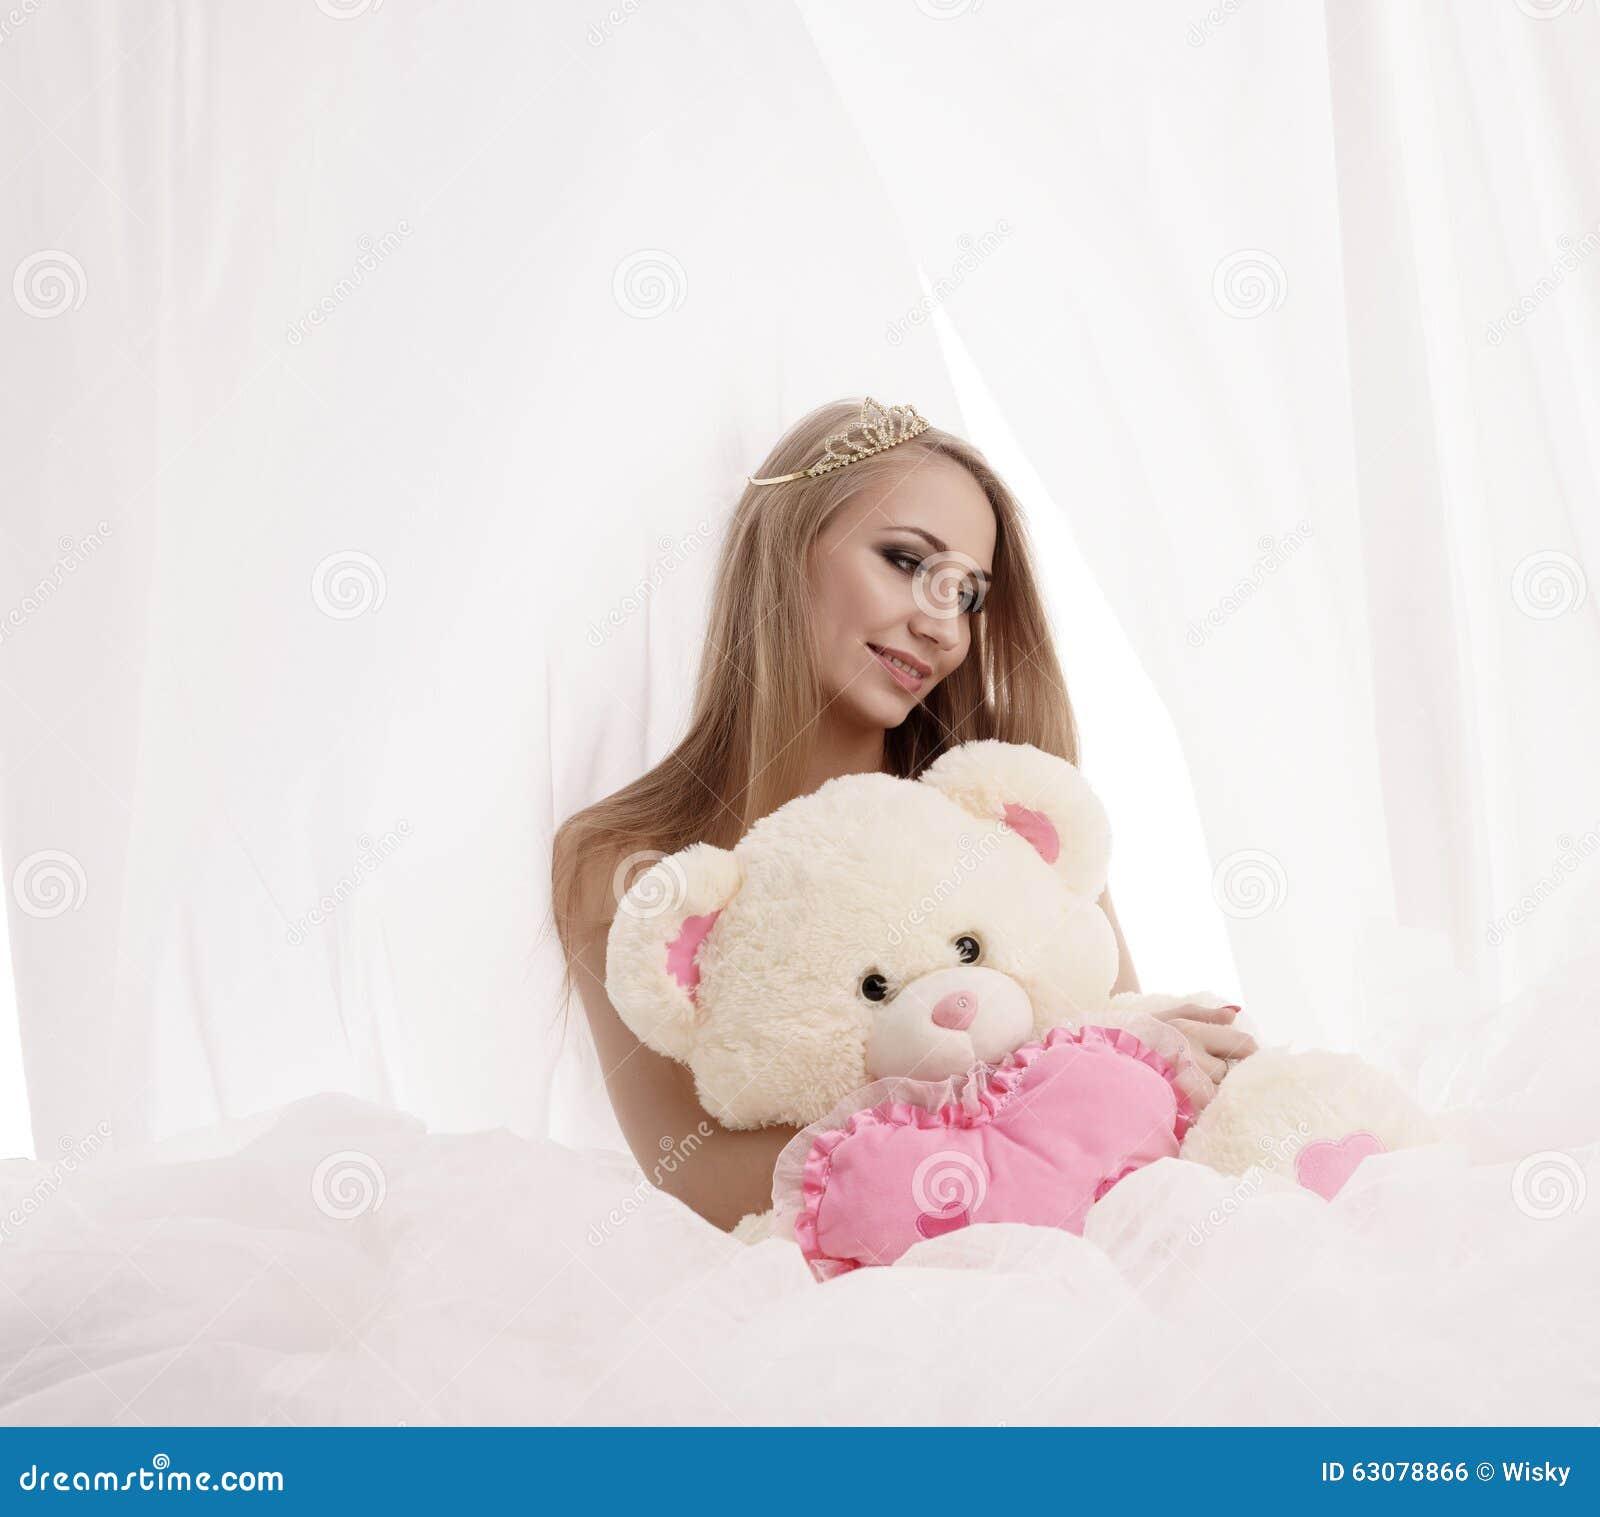 Download Reine De Beauté Posant Avec L'ours De Nounours De Peluche Photo stock - Image du coquette, attrayant: 63078866